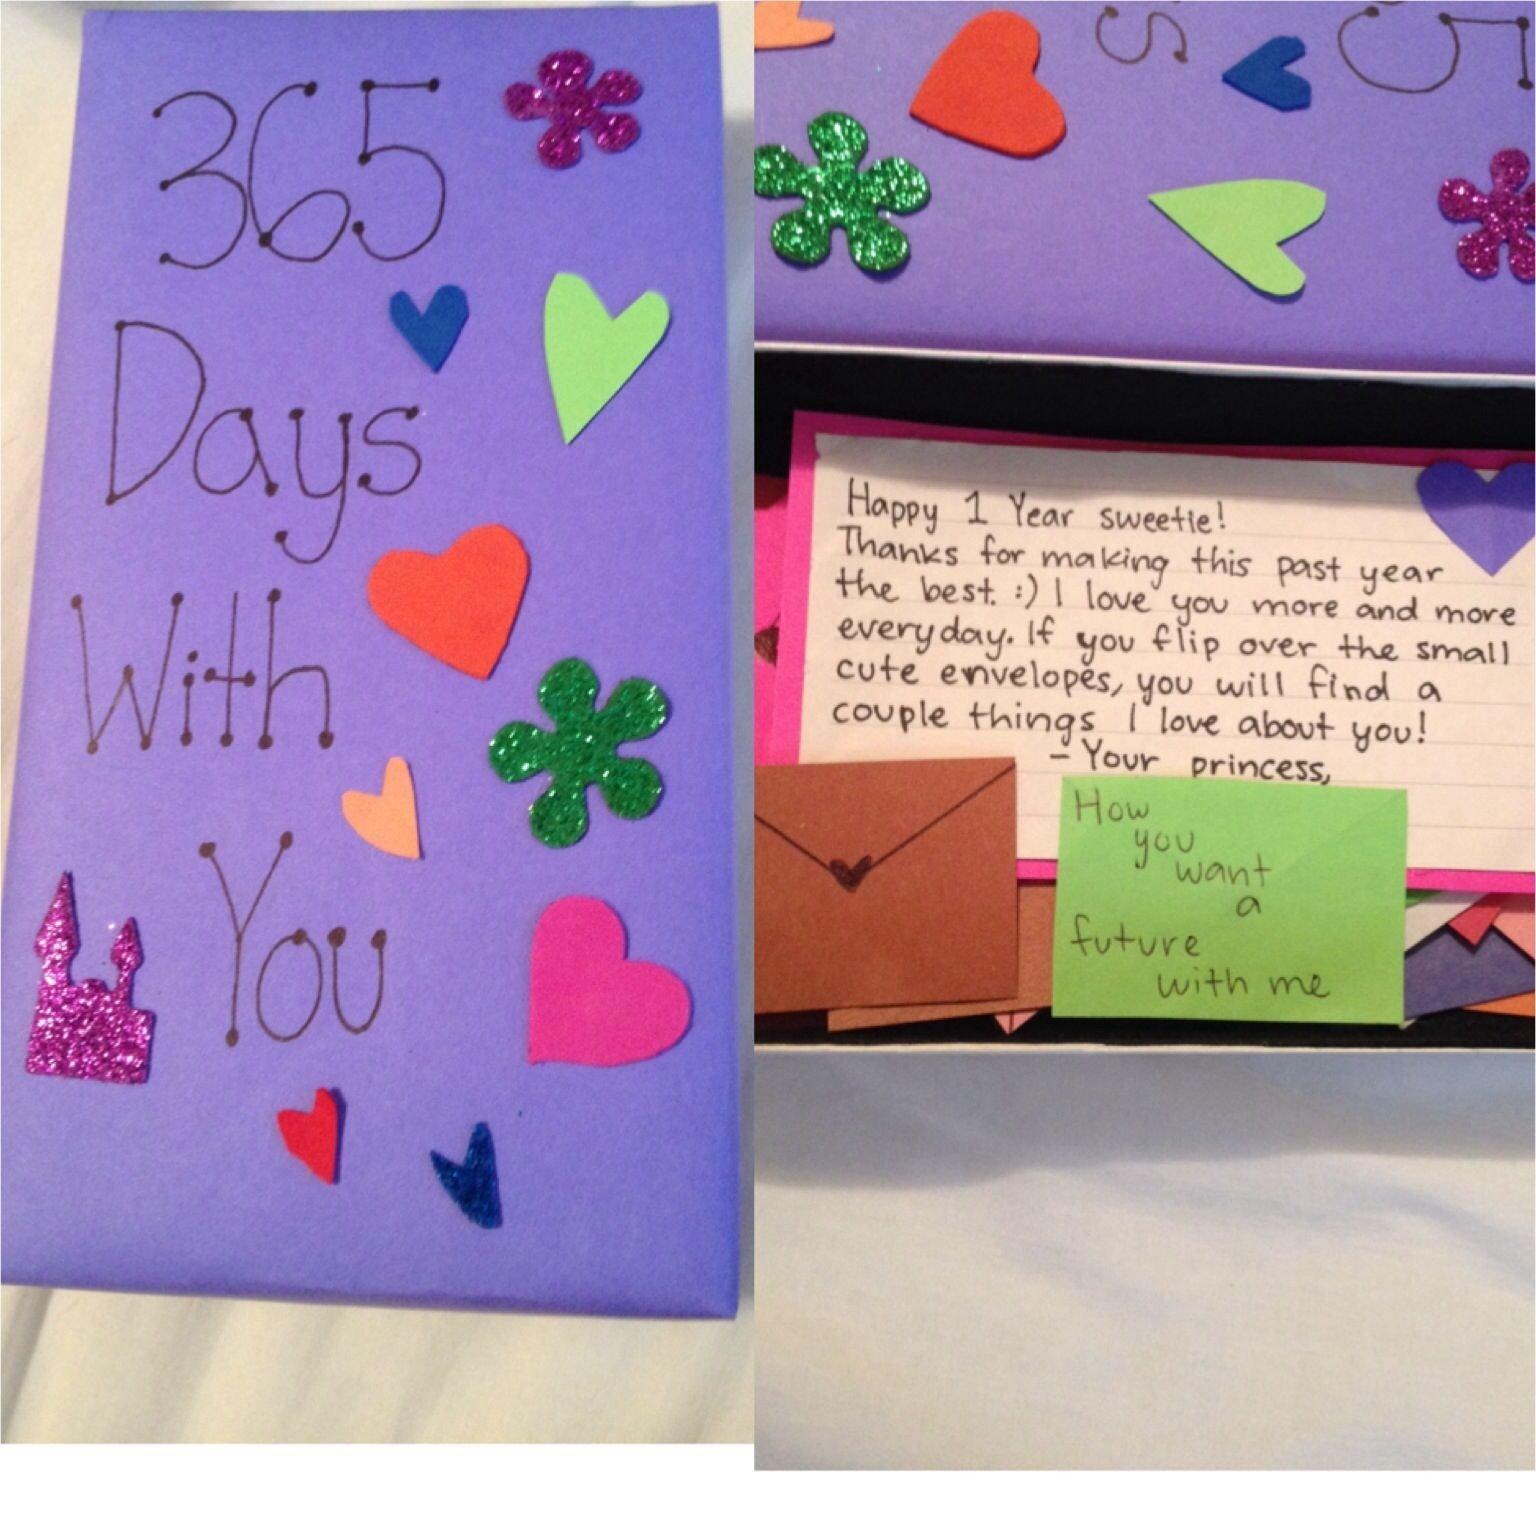 10 Unique 1 Year Anniversary Ideas Him 1 year anniversary gift for my boyfriend that i made boyfriend 1 2021